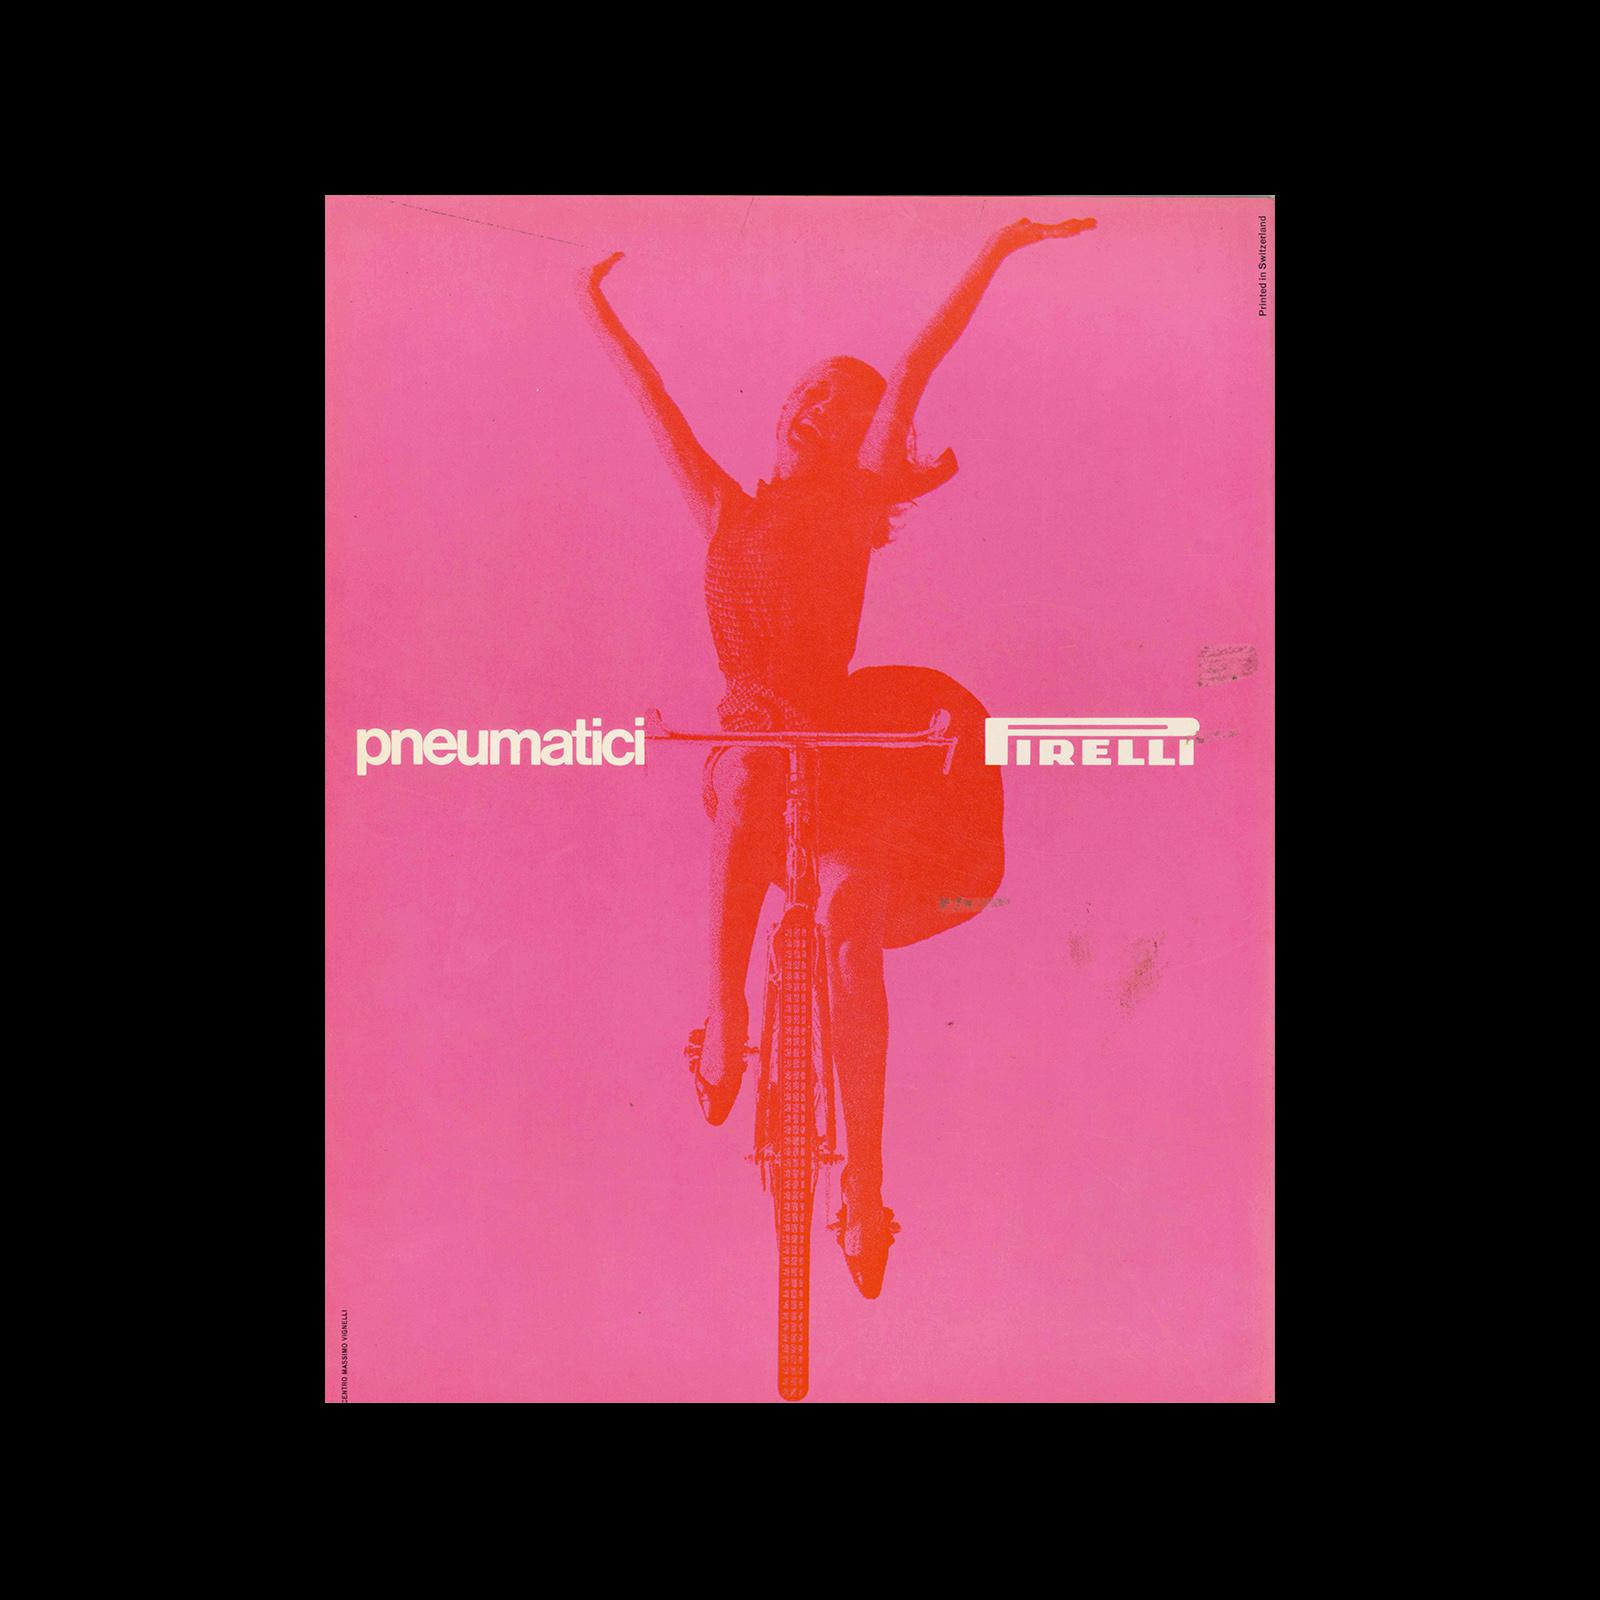 Pneumatici Pirelli, 1963. Designed by Massimo Vignelli